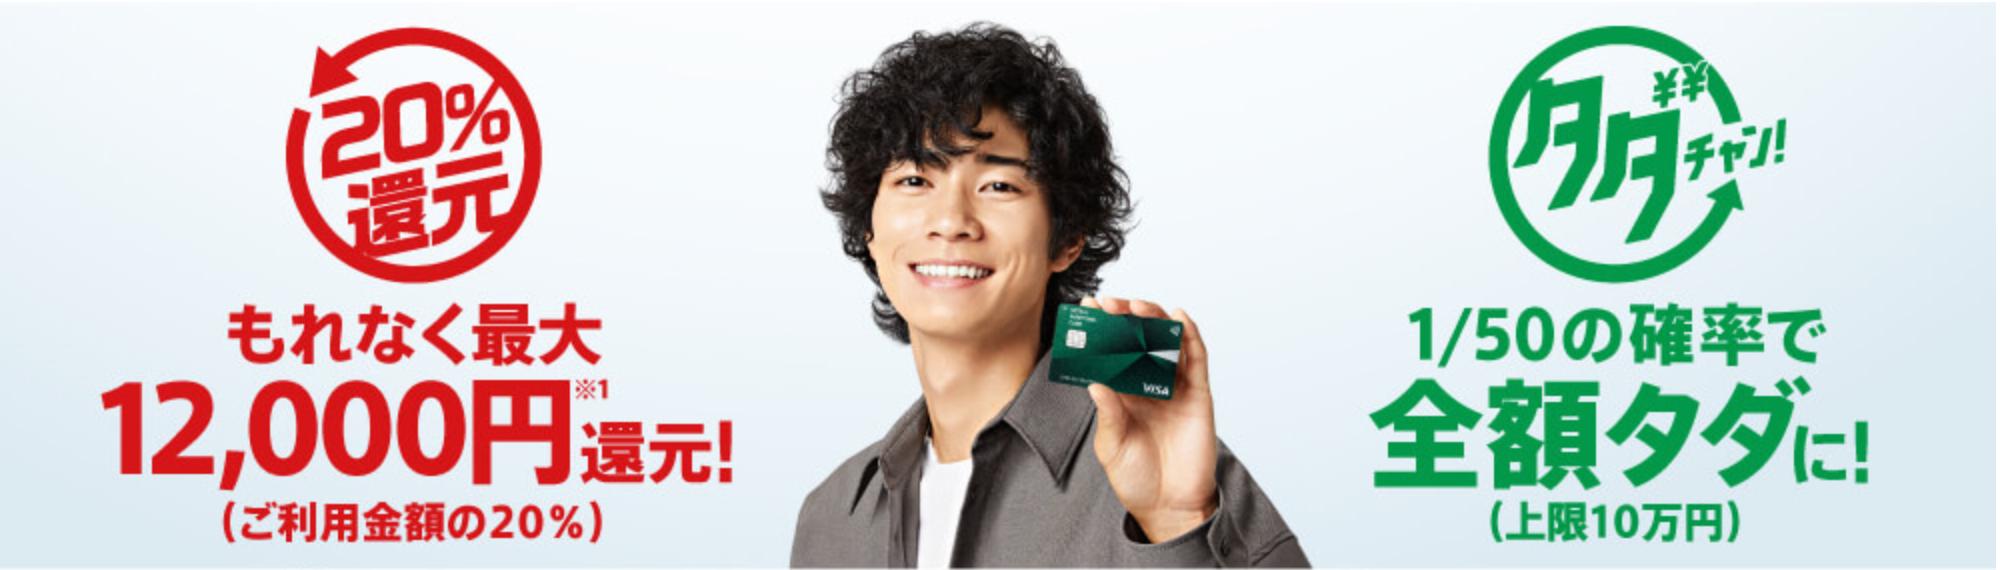 三井住友カード12,000円(20%)還元キャンペーン